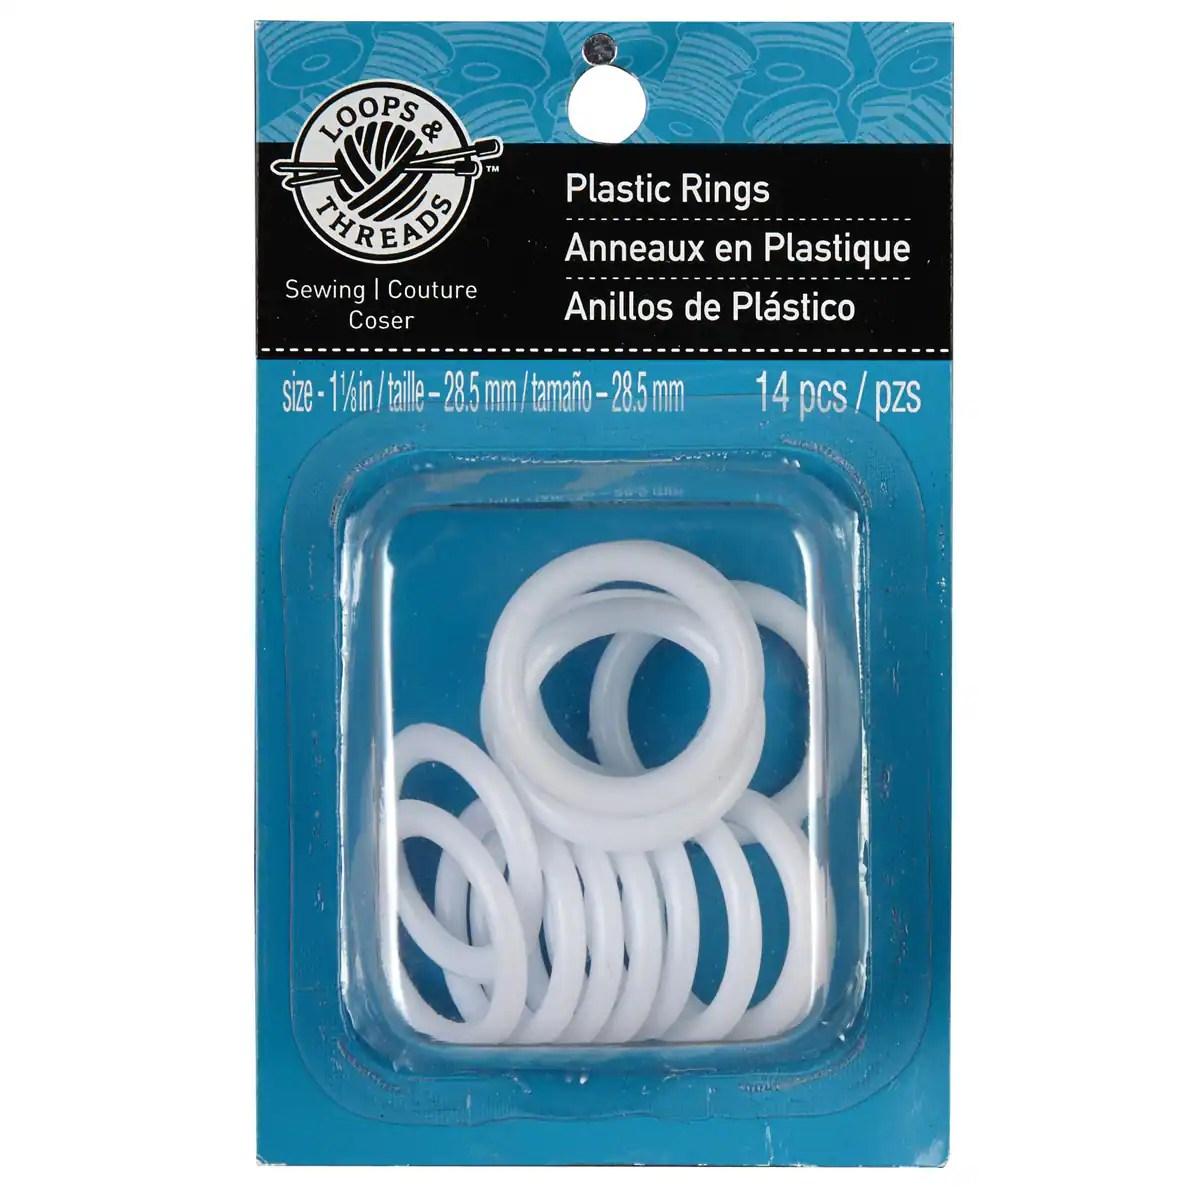 loops threads plastic rings